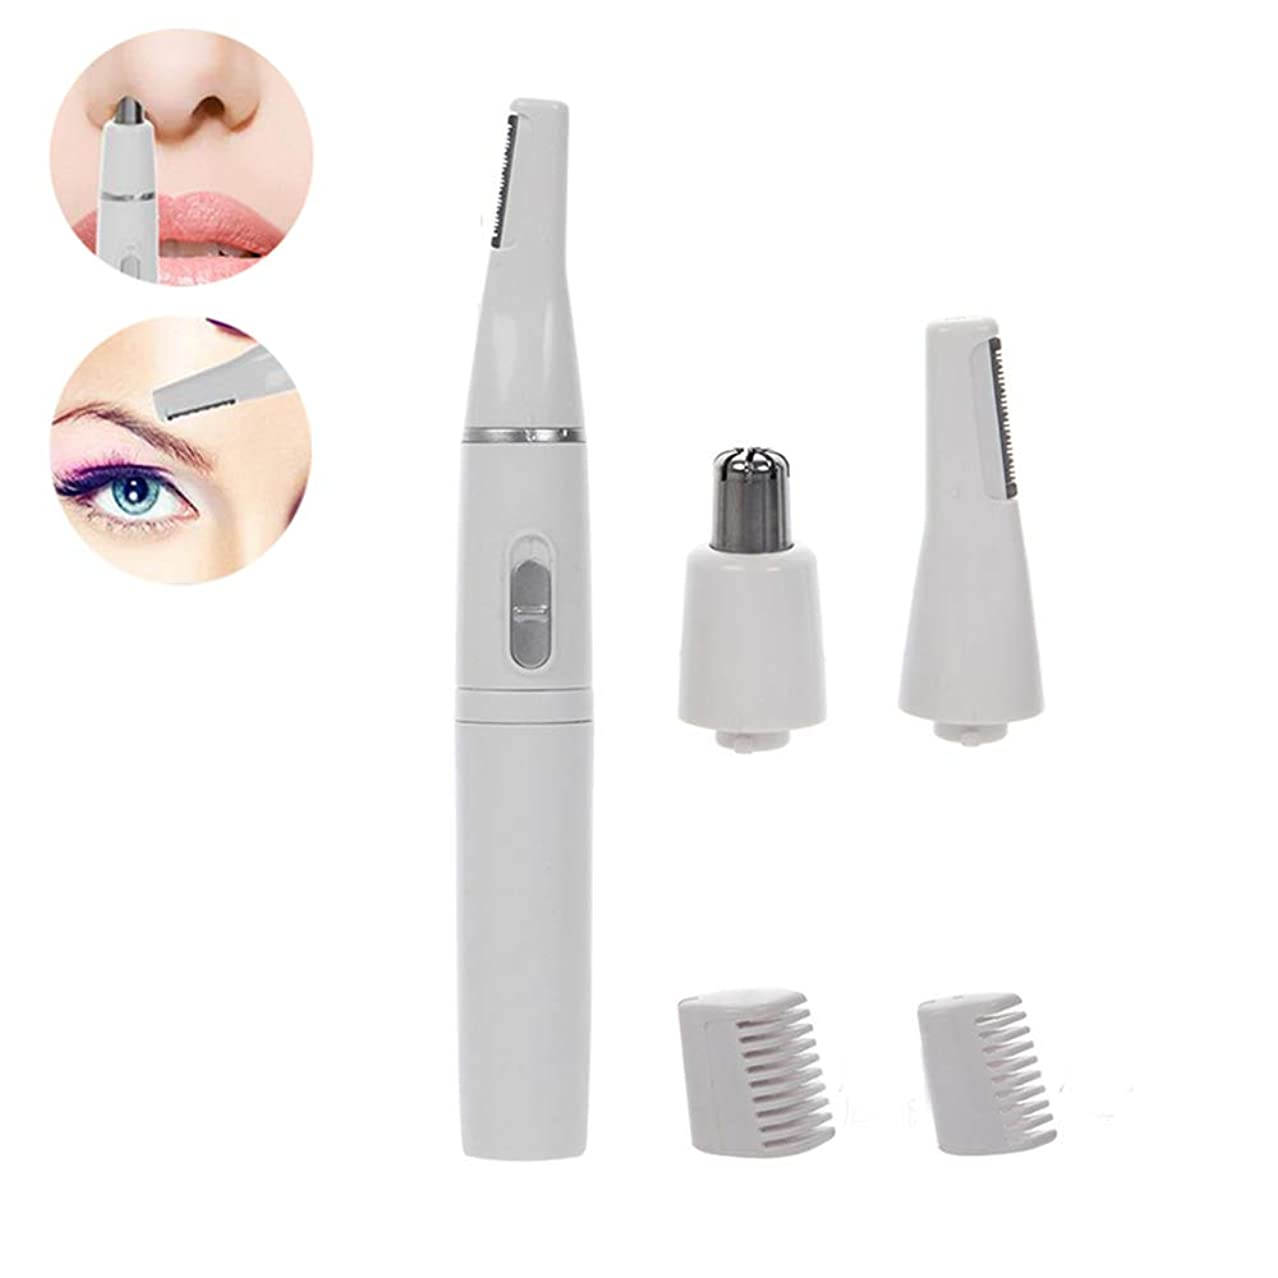 電動眉毛整形ナイフ、2 in 1鼻毛、かみそり防水、ユニセックス